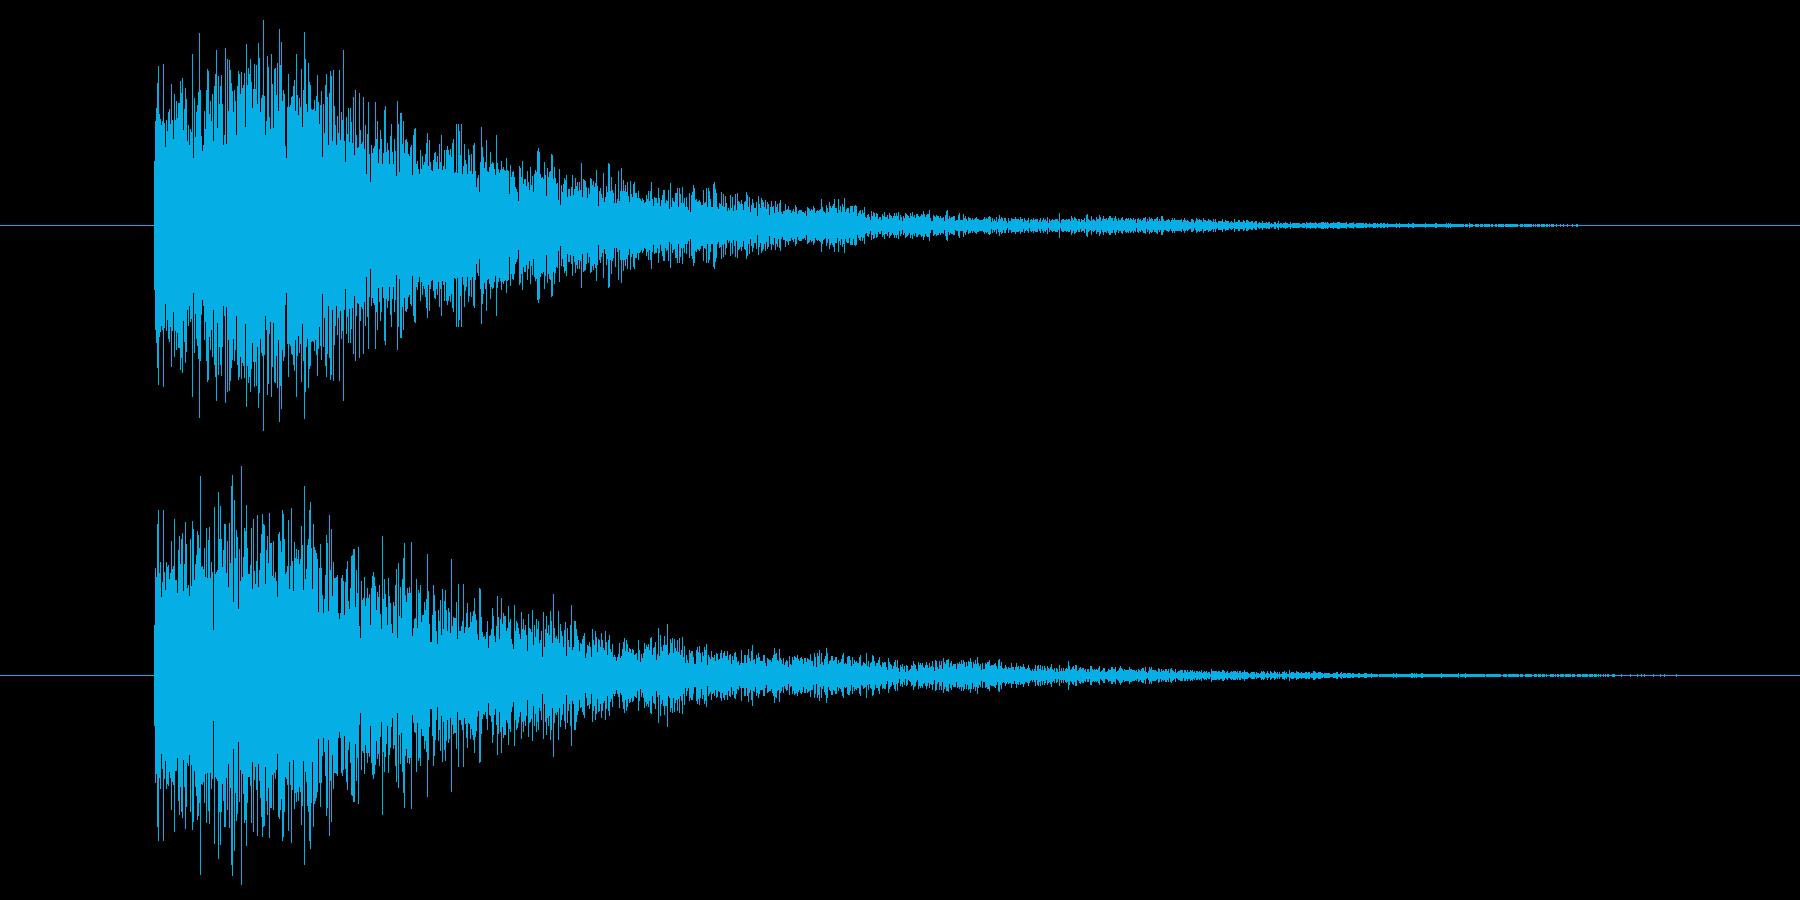 暗めの鐘の音の再生済みの波形